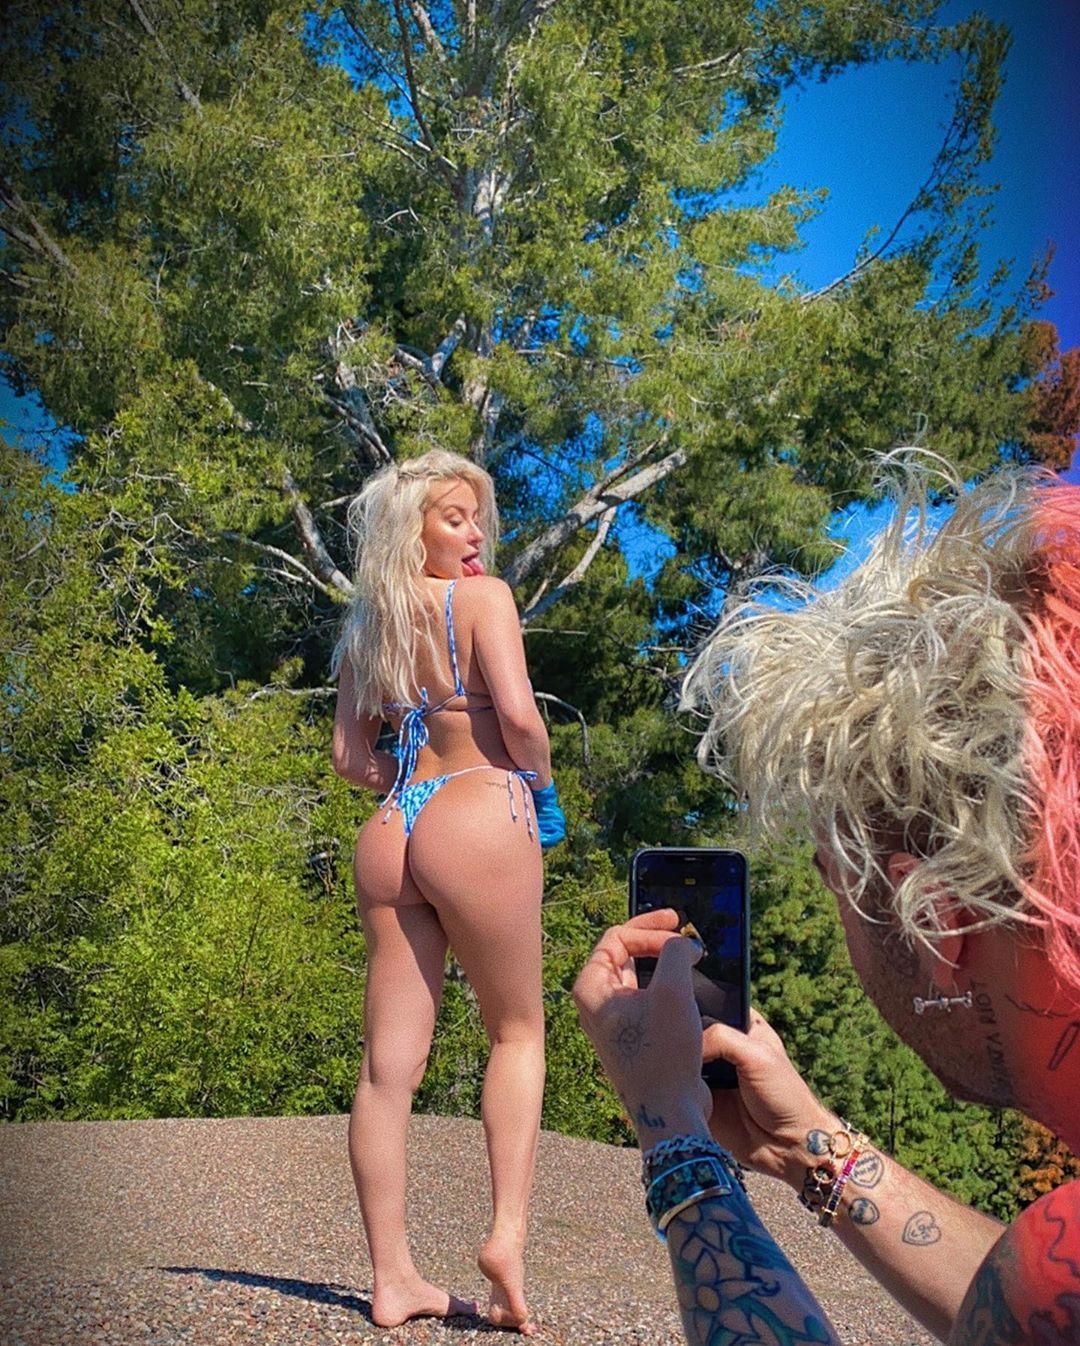 Tana Mongeau Nude & Sex Tape Leaked 0029